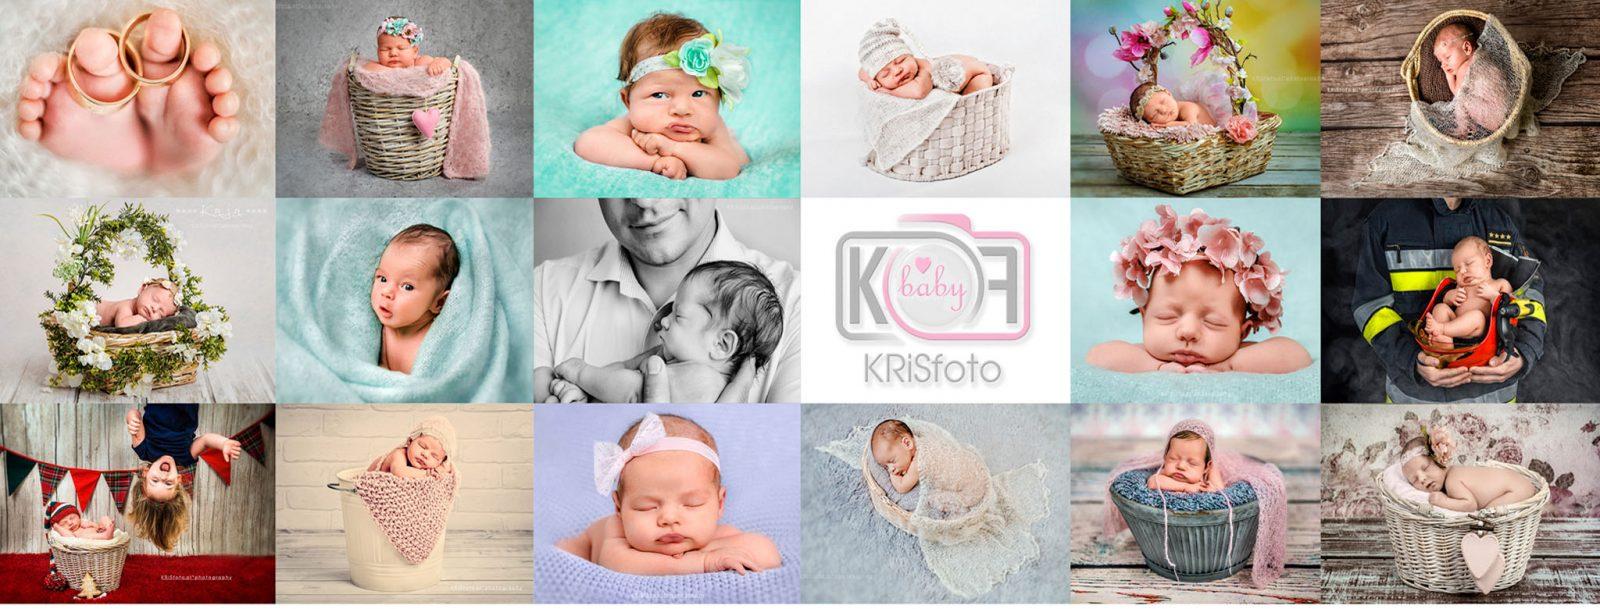 krisfoto-baby-baner-facebook-sesje noworodkowe-www.krisfoto.pl